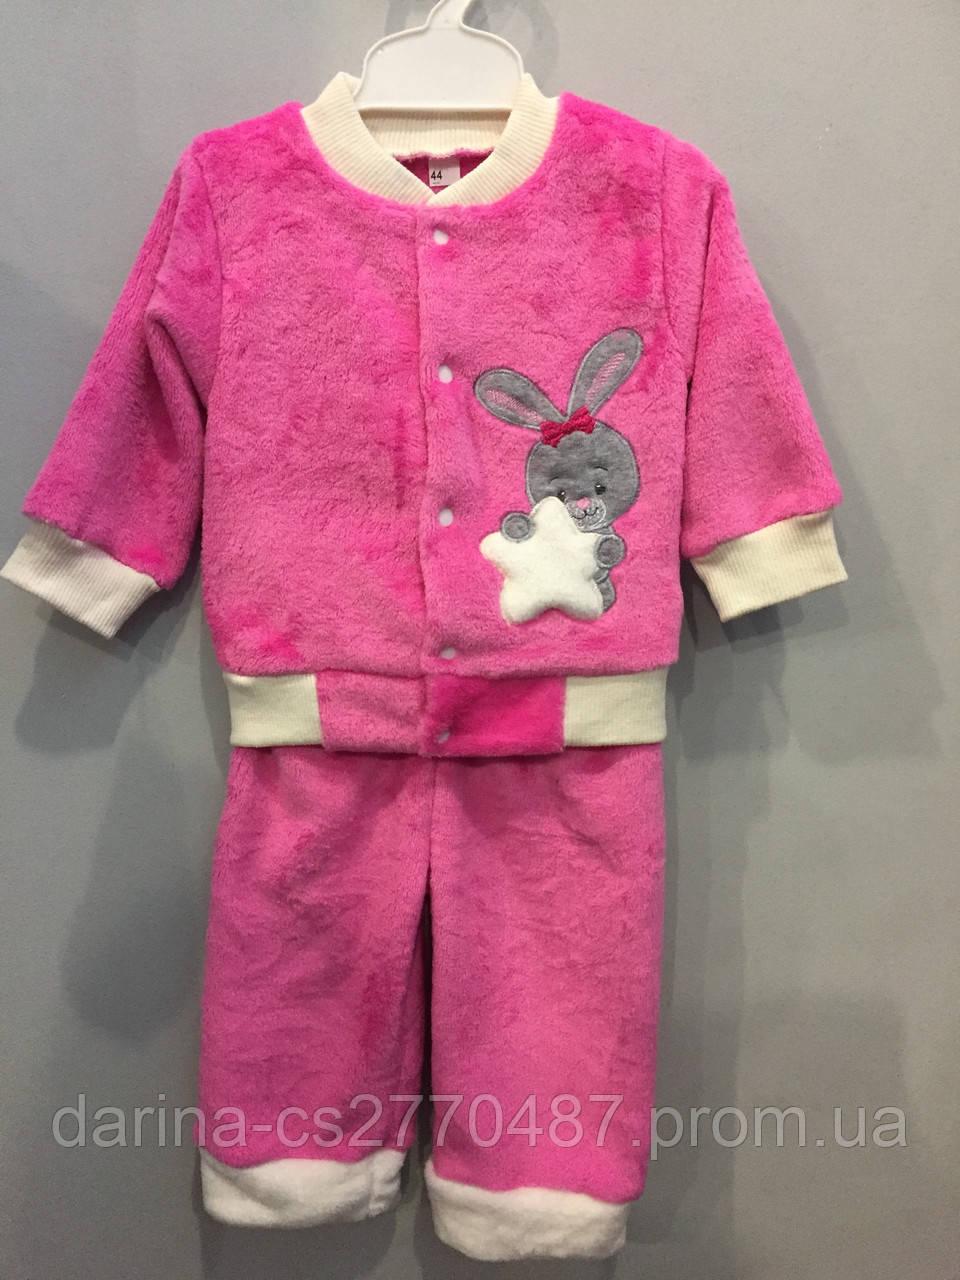 Махровый костюм для девочки с зайчиком